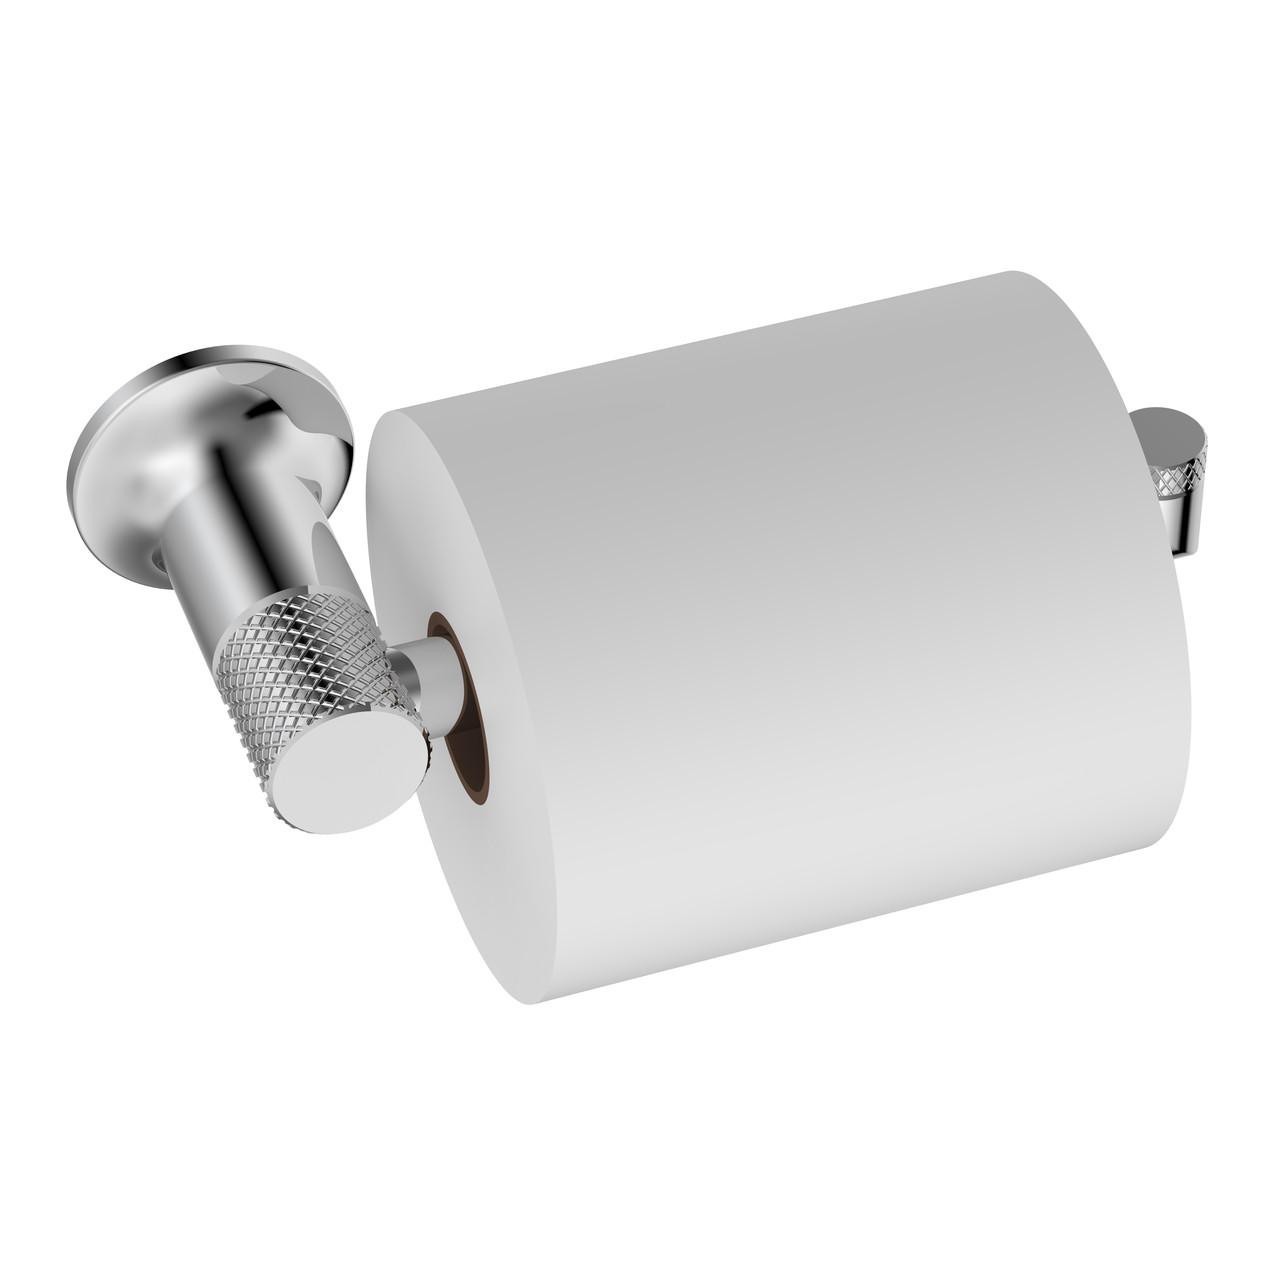 Imprese Brenta держатель для туалетной бумаги, хром ZMK071901220